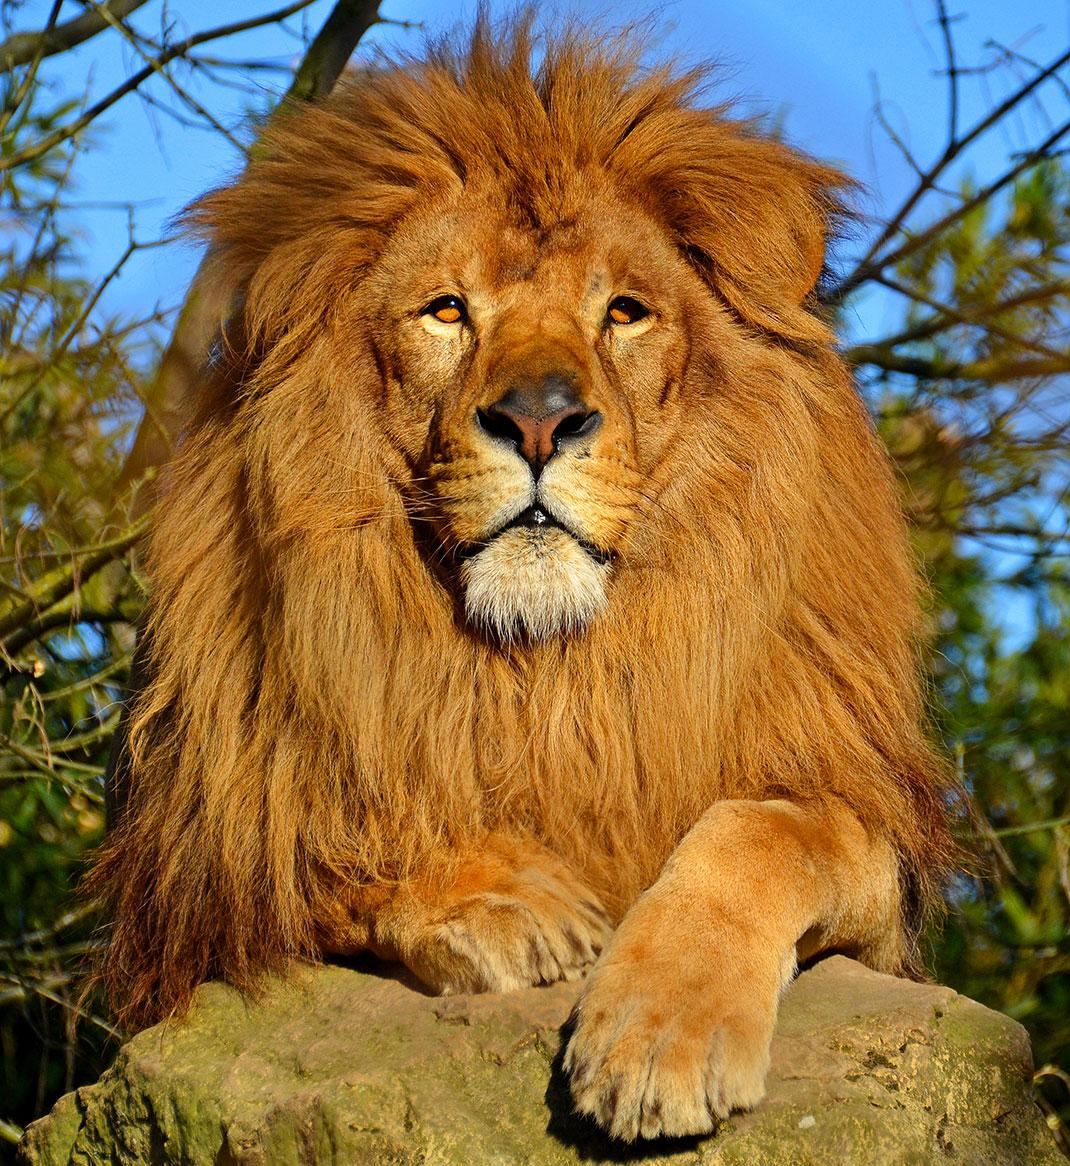 D couvrez le syst me social des lions les seuls f lins s organiser en groupe daily geek show - Patte de lion ...